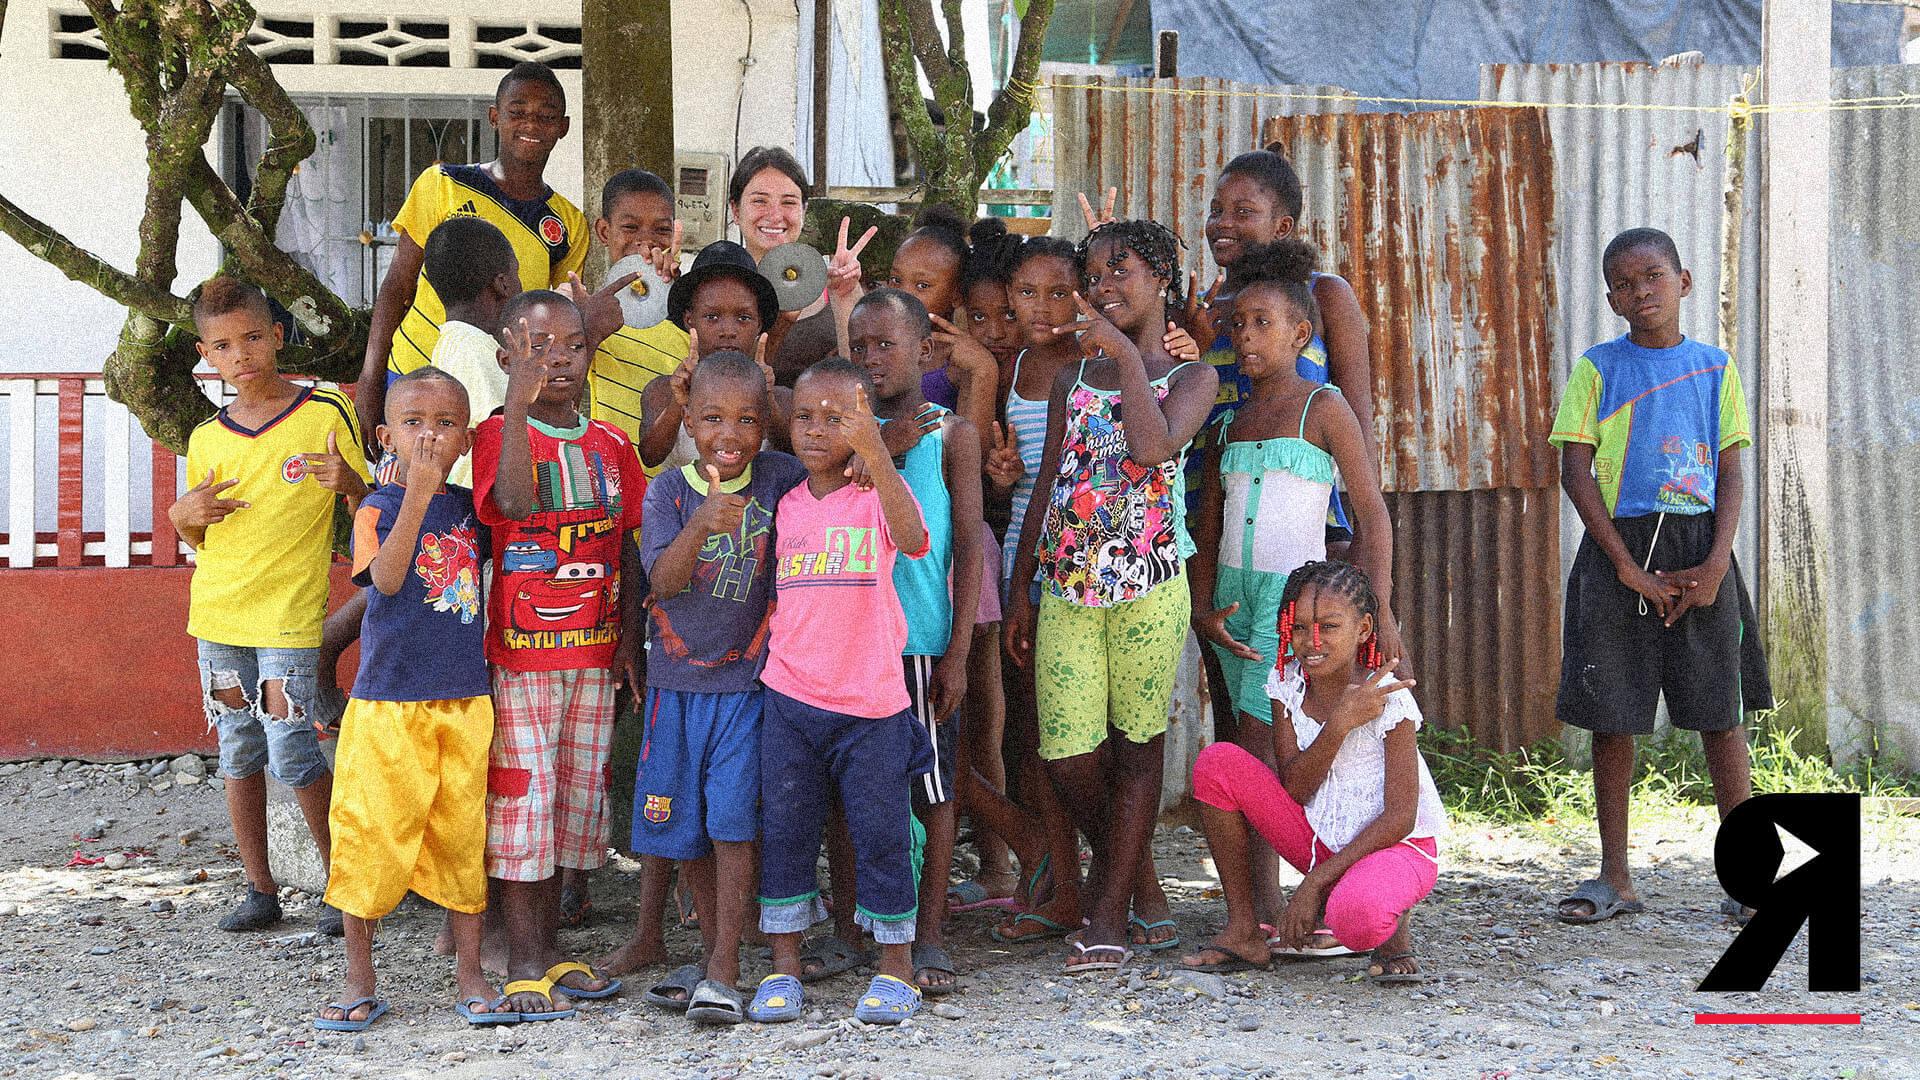 La guía Divergentes de la niñez en Colombia